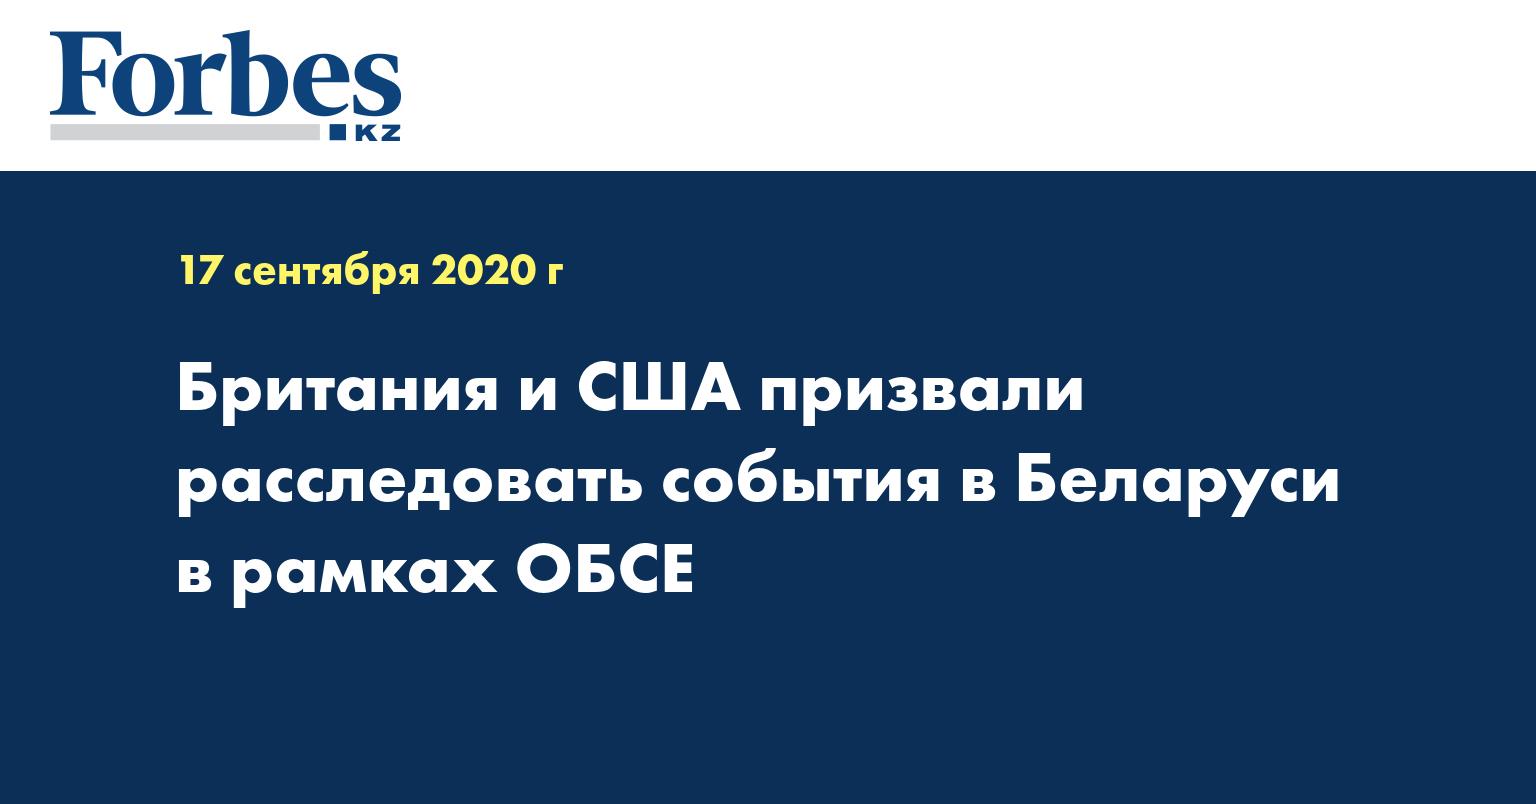 Британия и США призвали расследовать события в Беларуси в рамках ОБСЕ